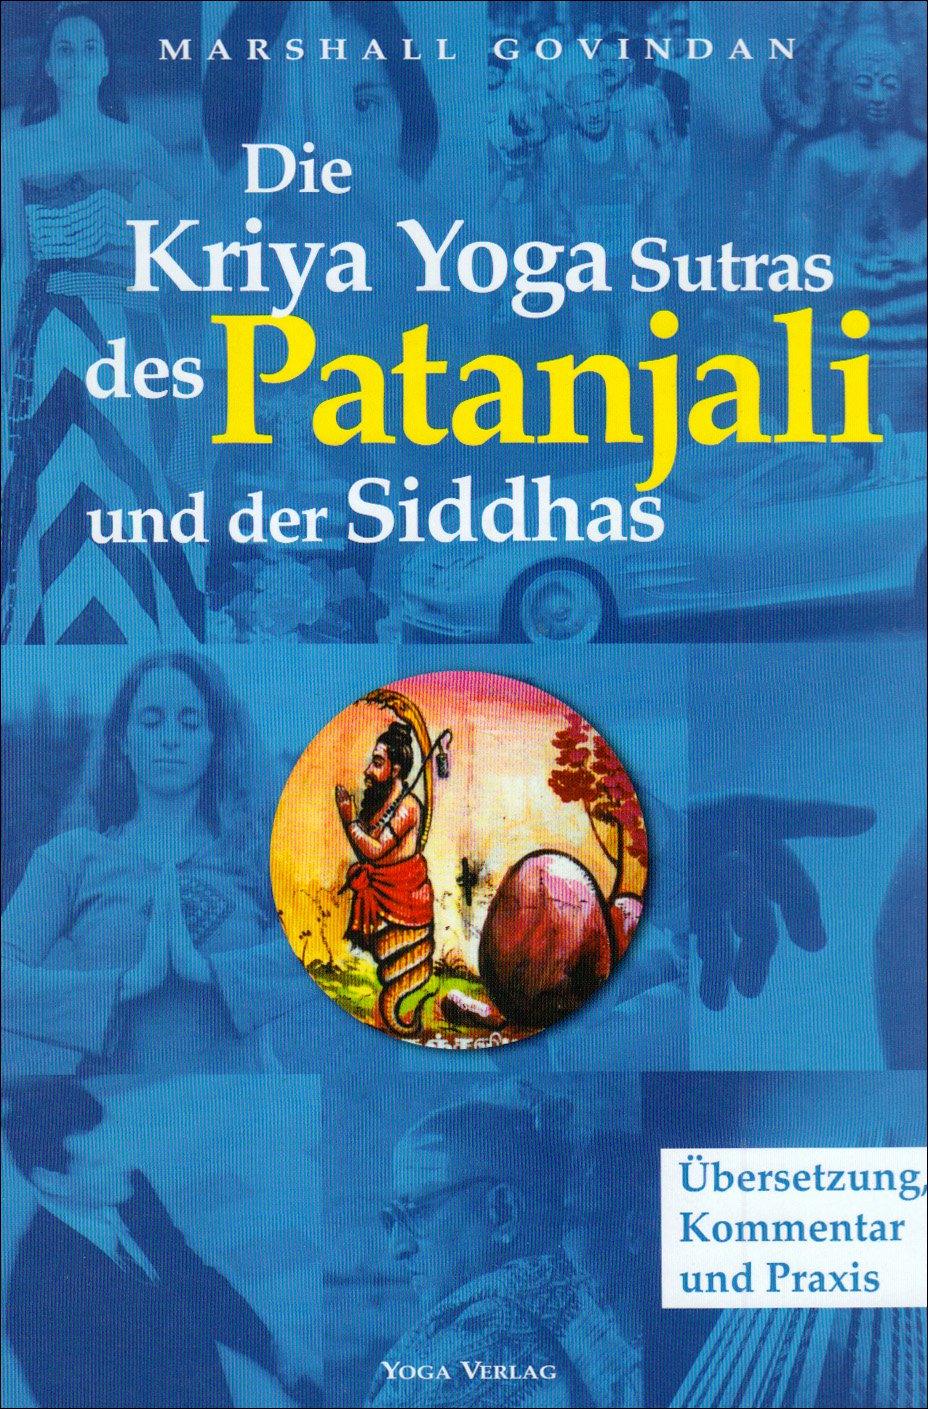 Die Kriya Yoga Sutren des Patanjali und der Siddhas: Übersetzung, Kommentar und Praxis